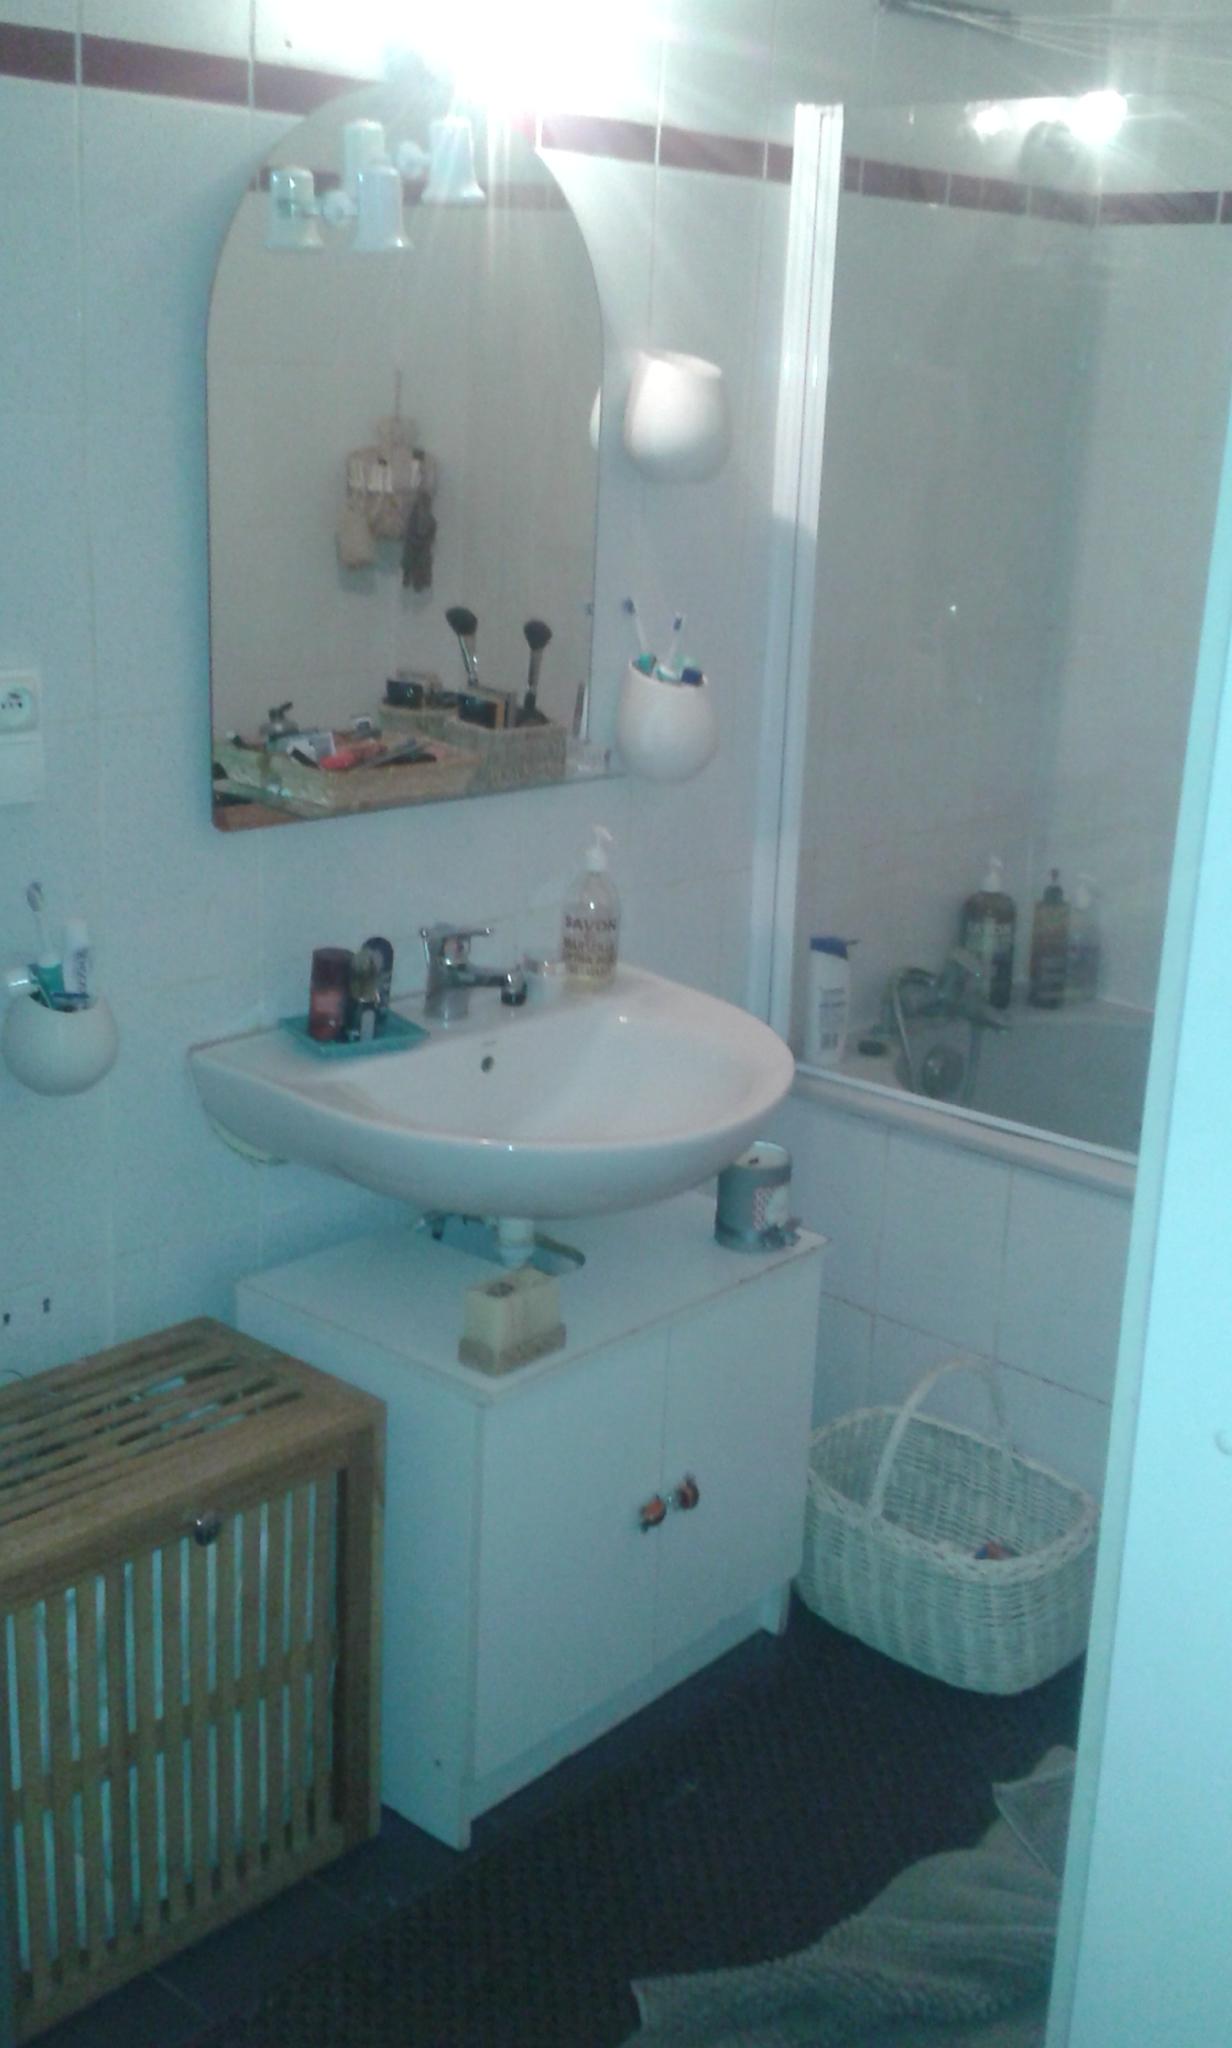 salle d eau 5m2 salle de bains carree m anglique blanc with salle d eau 5m2 des wc spars dans. Black Bedroom Furniture Sets. Home Design Ideas